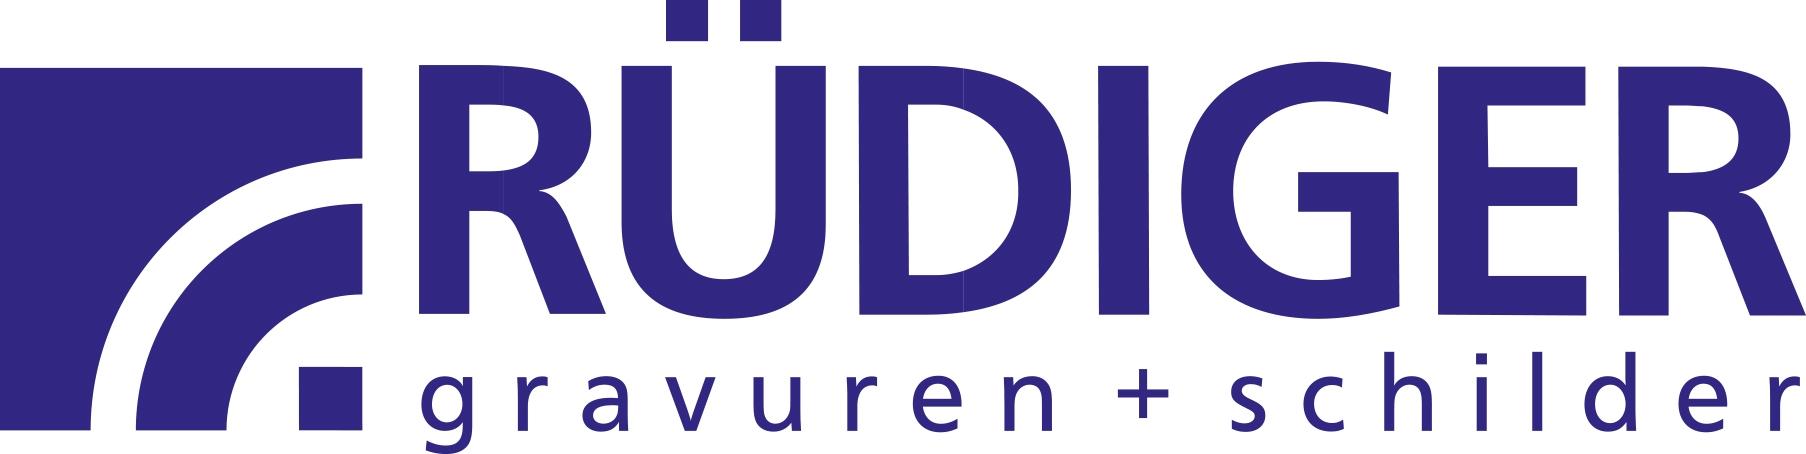 Rüdiger Werbung Logo